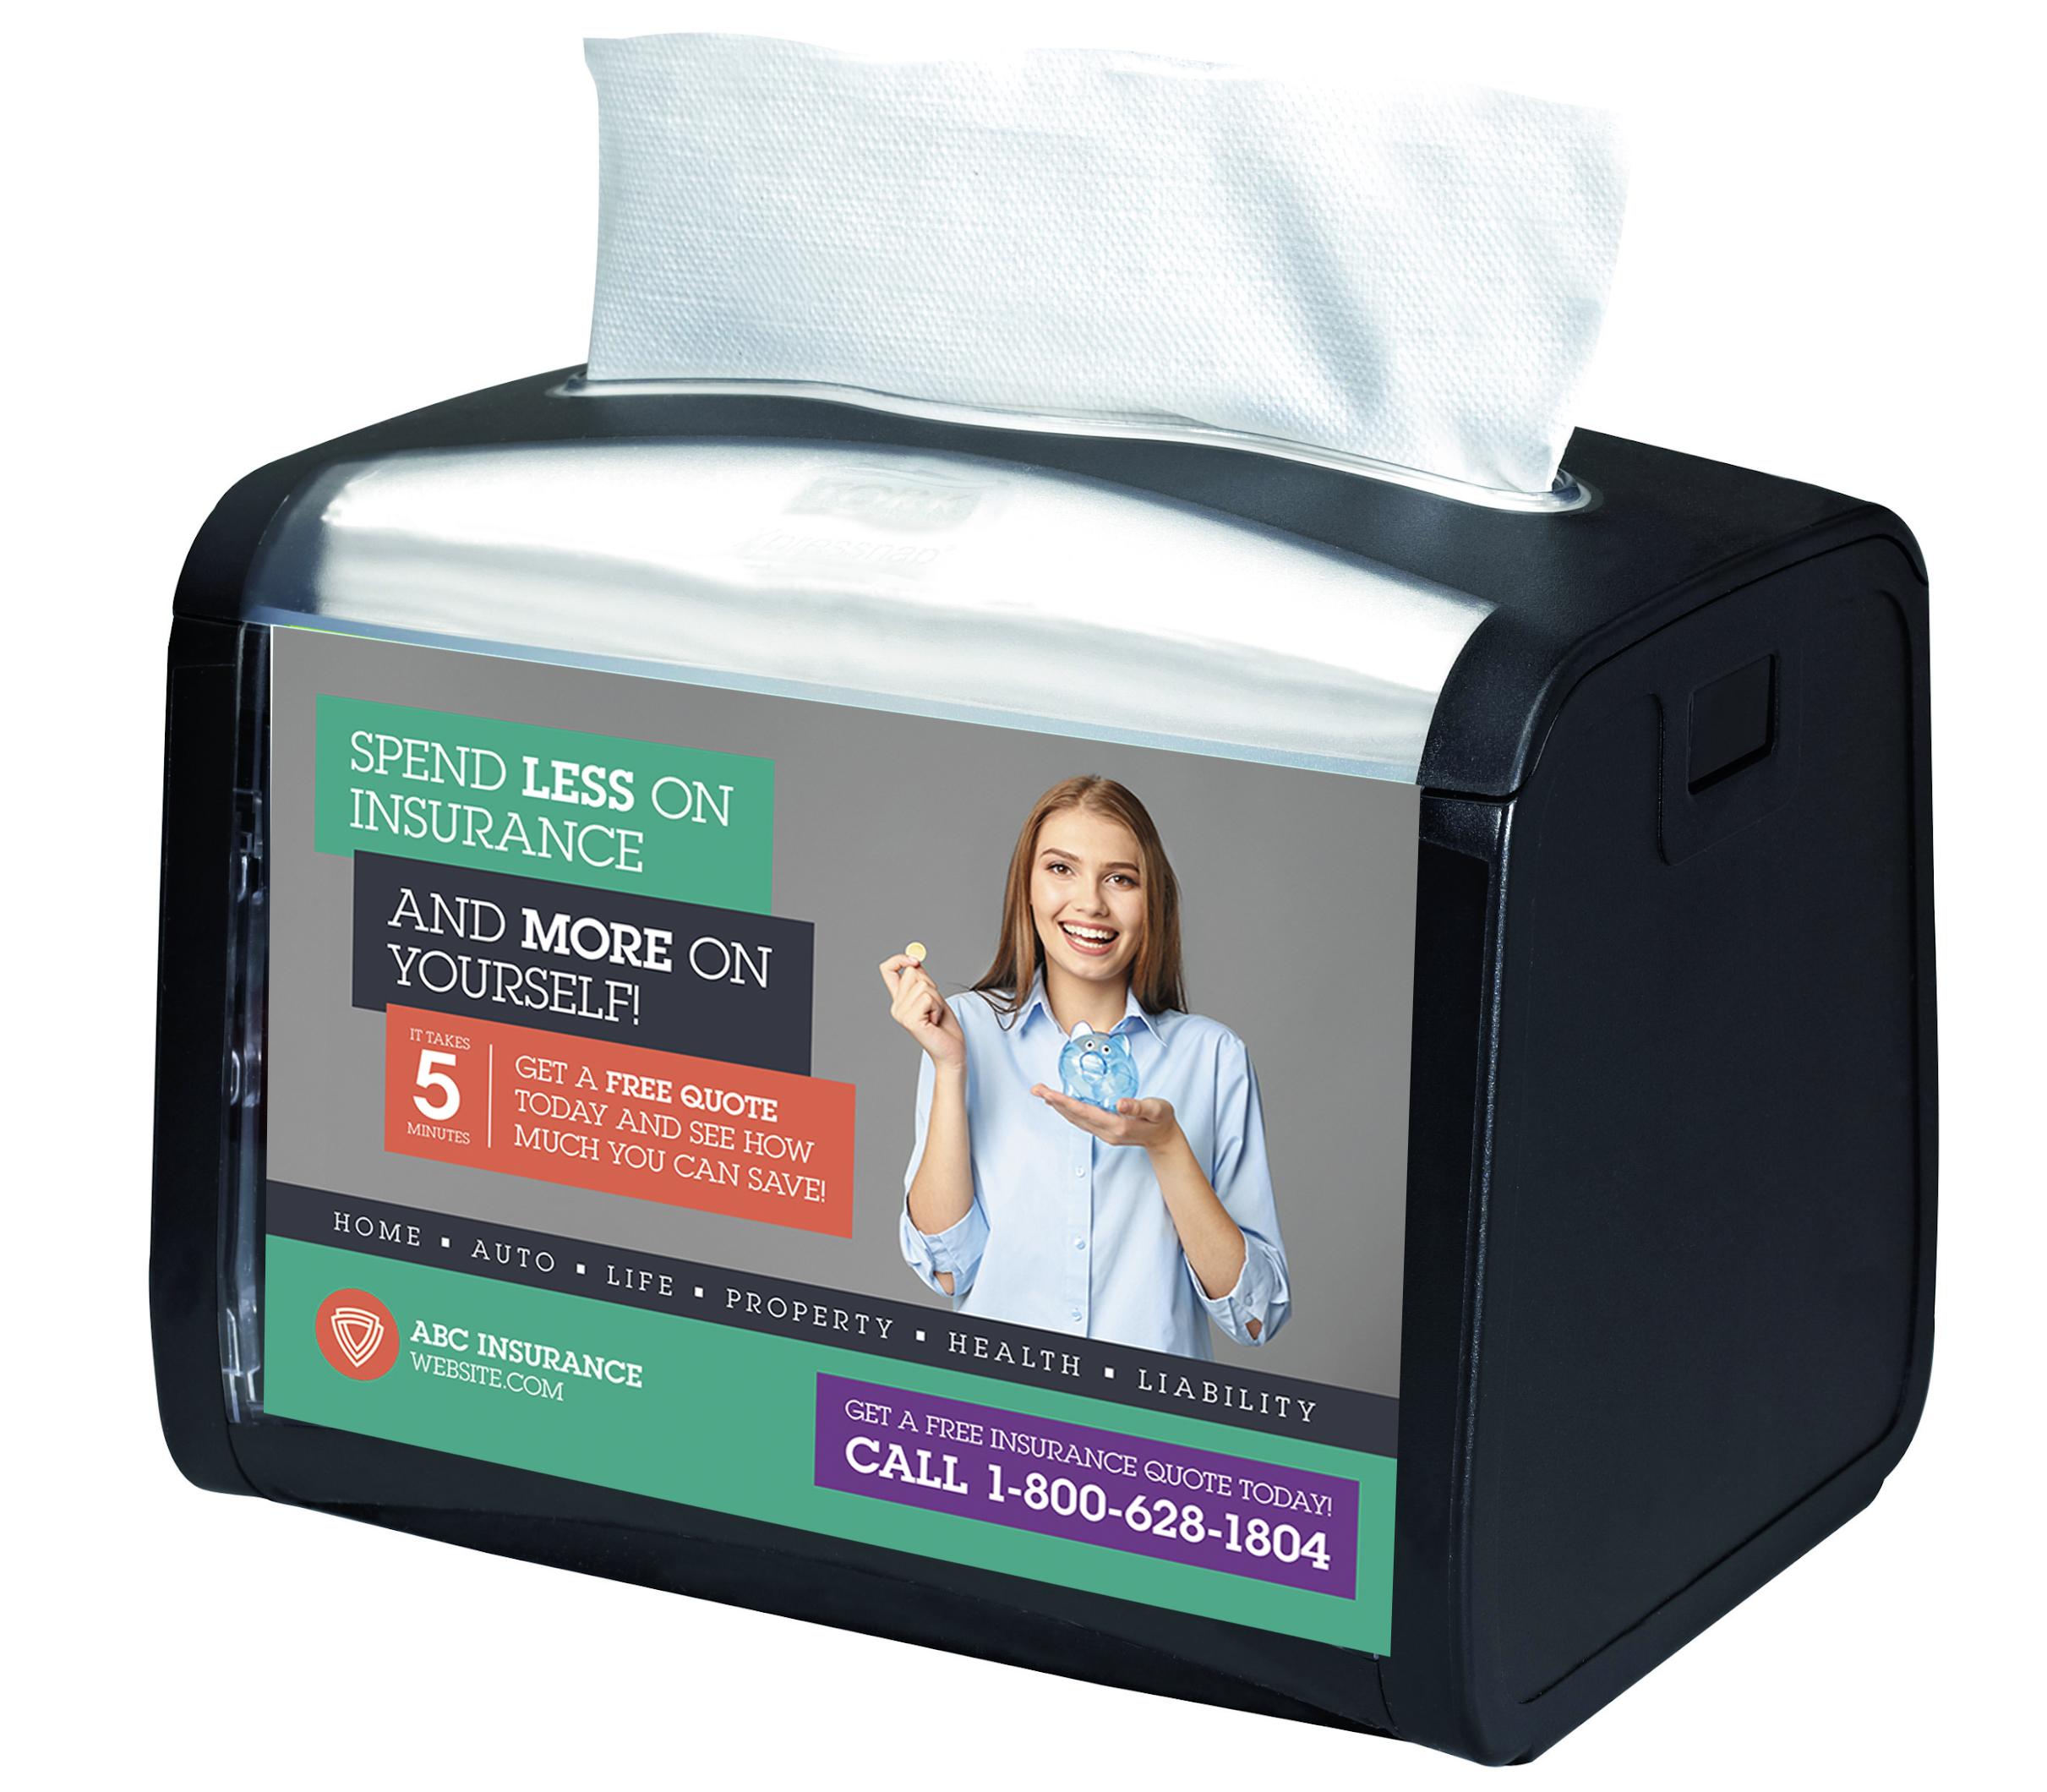 napkin dispenser.jpg